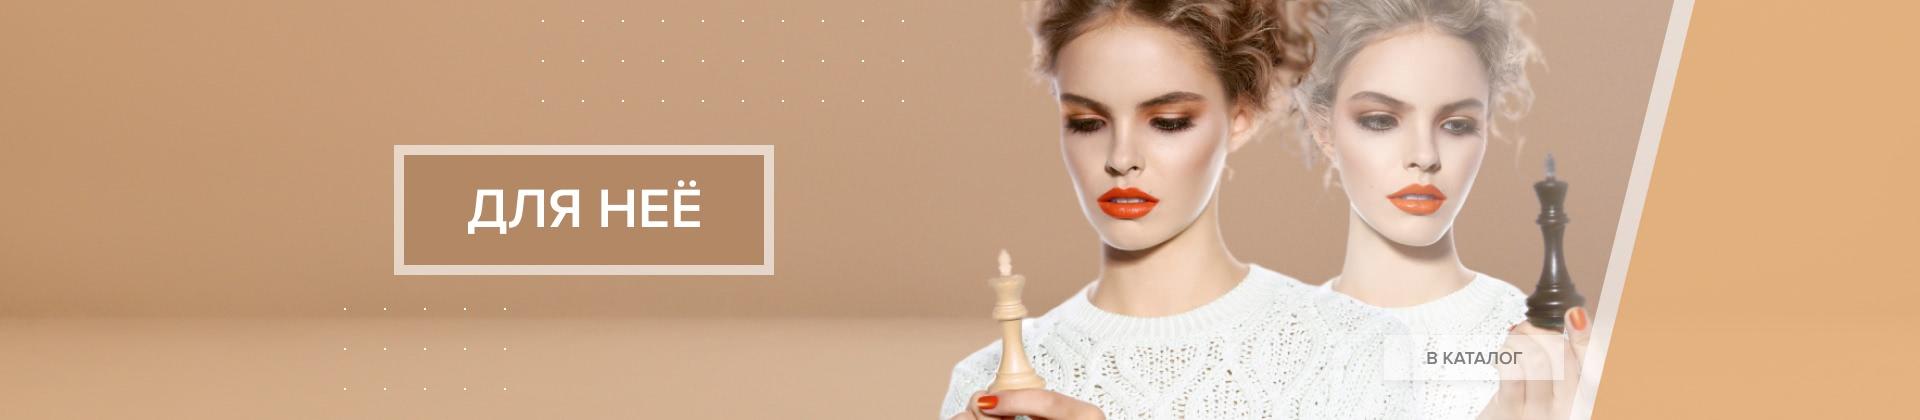 Новая коллекция ShaparBrand для девушек и женщин